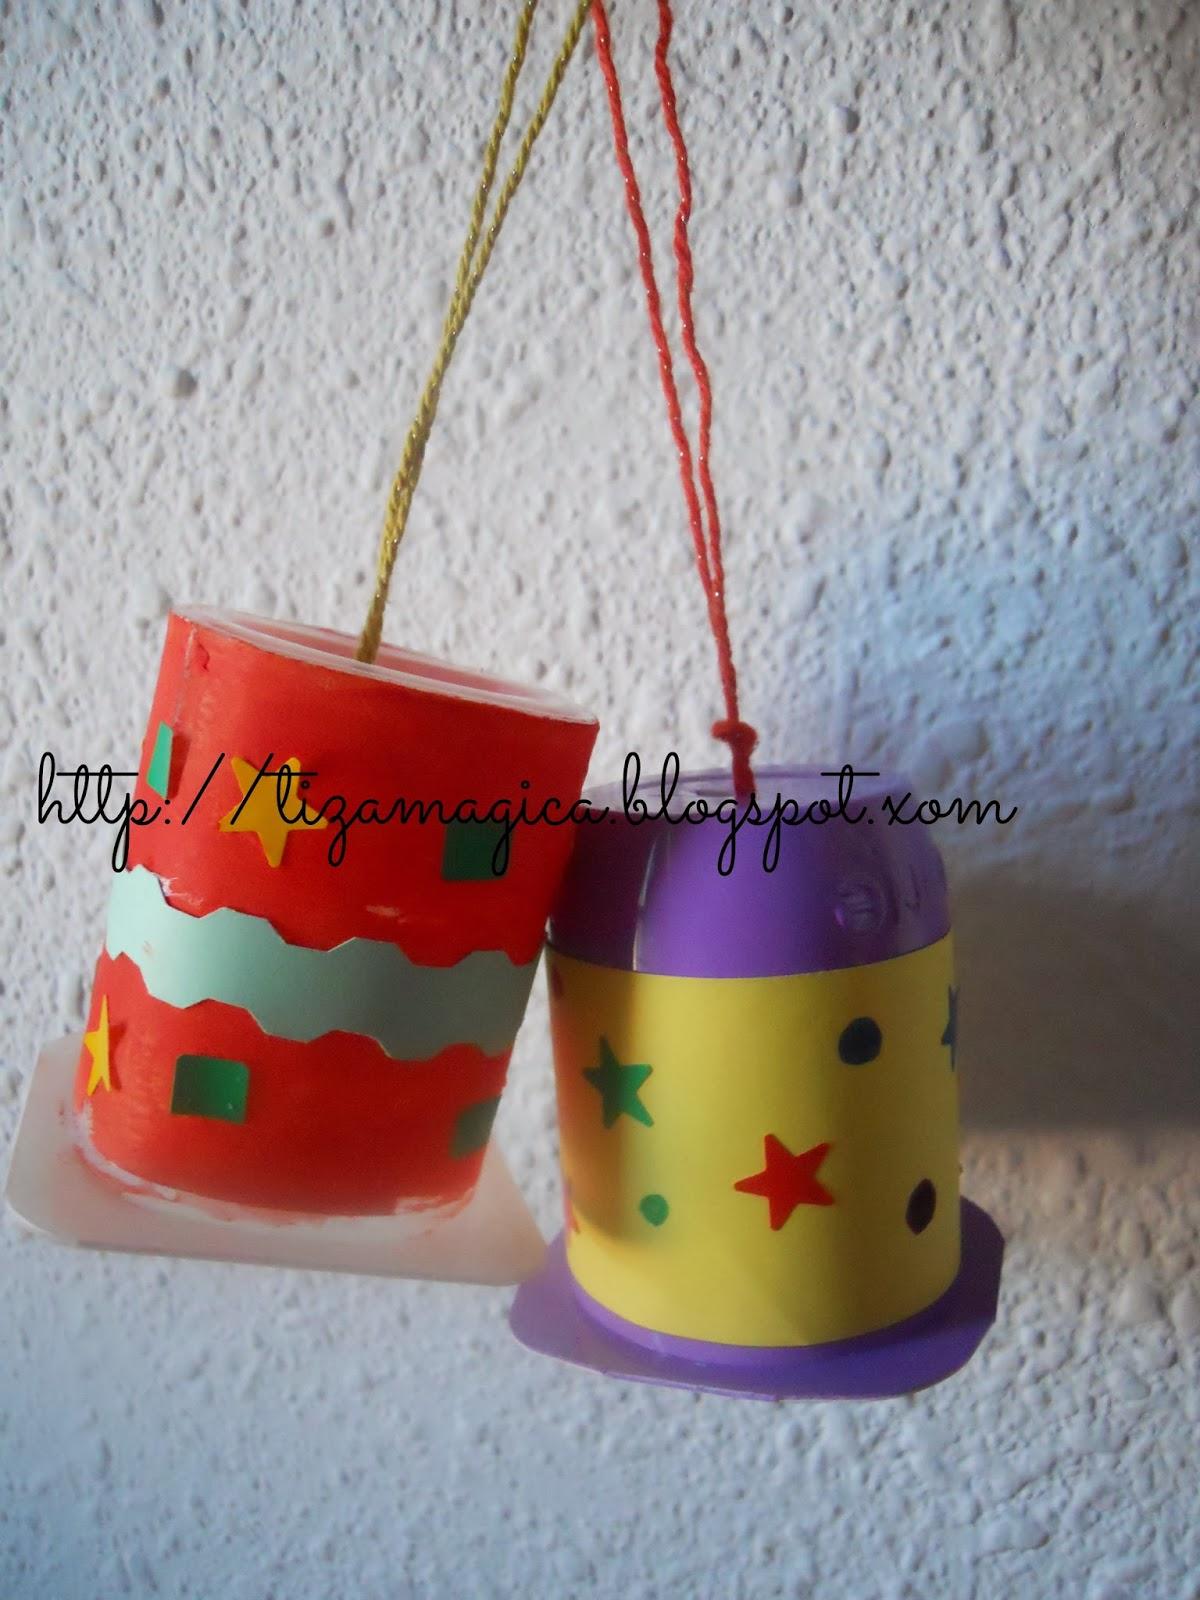 La tiza m gica adornos caseros de navidad para el rbol for Adornos para arbol de navidad caseros